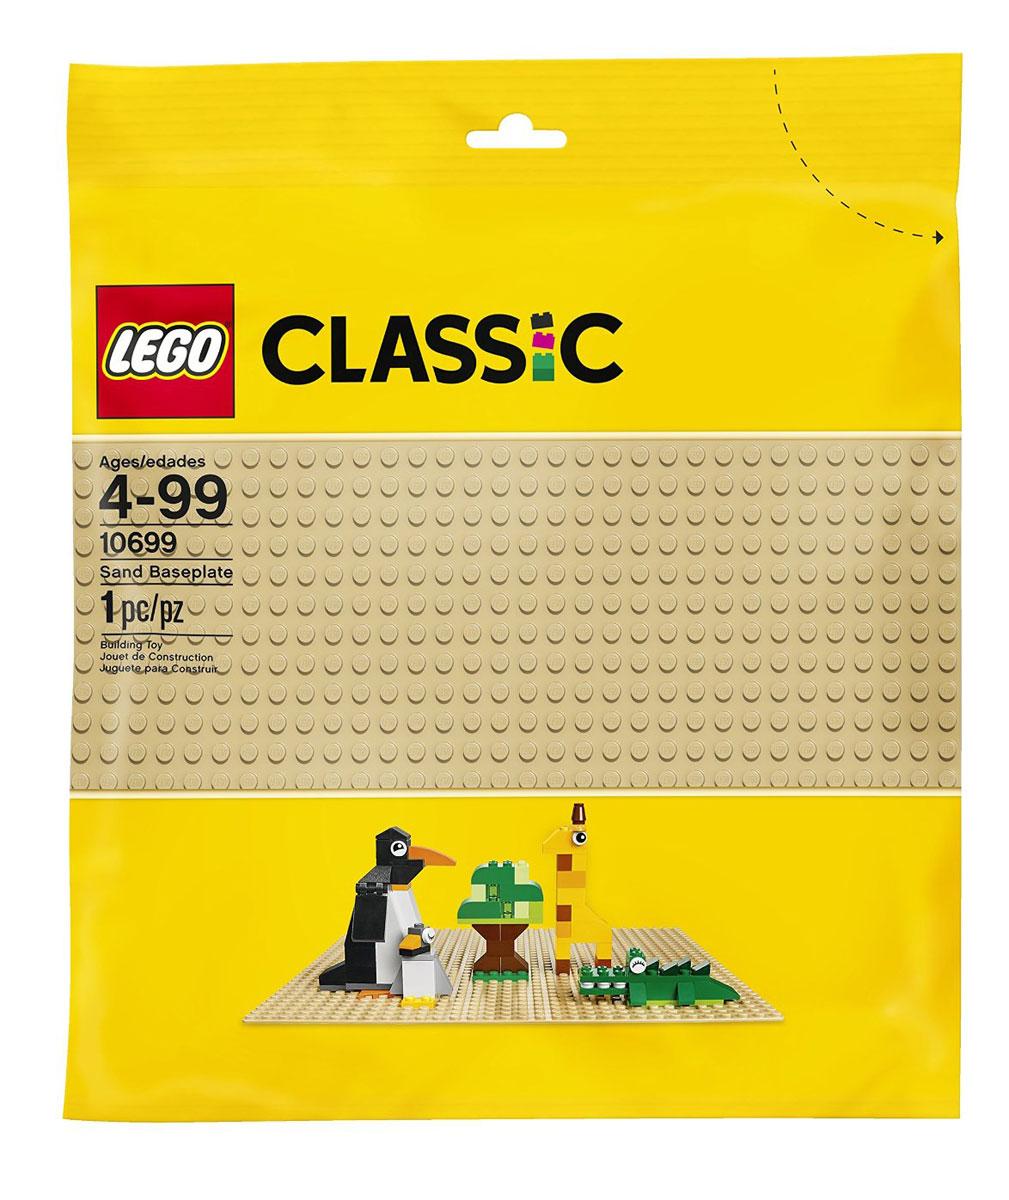 LEGO Classic Конструктор Строительная пластина цвет бежевый 1069910699Создаете ли вы сад, лес, пустыню или что-то продиктованное вам собственным воображением, эта базовая пластина бежевого цвета размером 25,5 см x 25,5 см (32х32 выступа) - идеальная отправная точка для сборки, демонстрации ваших творений из конструктора LEGO и игры с ними. Конструктор - это один из самых увлекательнейших и веселых способов времяпрепровождения. Ребенок сможет часами играть с конструктором, придумывая различные ситуации и истории. В процессе игры с конструкторами LEGO дети приобретают и постигают такие необходимые навыки как познание, творчество, воображение. Обычные наблюдения за детьми показывают, что единственное, чему они с удовольствием посвящают время, - это игры. Игра - это состояние души, это веселый опыт познания реальности. Играя, дети создают собственные миры, осваивают их, восстанавливают прошедшие и будущие события через понарошку, познавая - приобретают знания и умения. Фантазия ребенка безгранична, она позволяет ребенку учиться представлять...